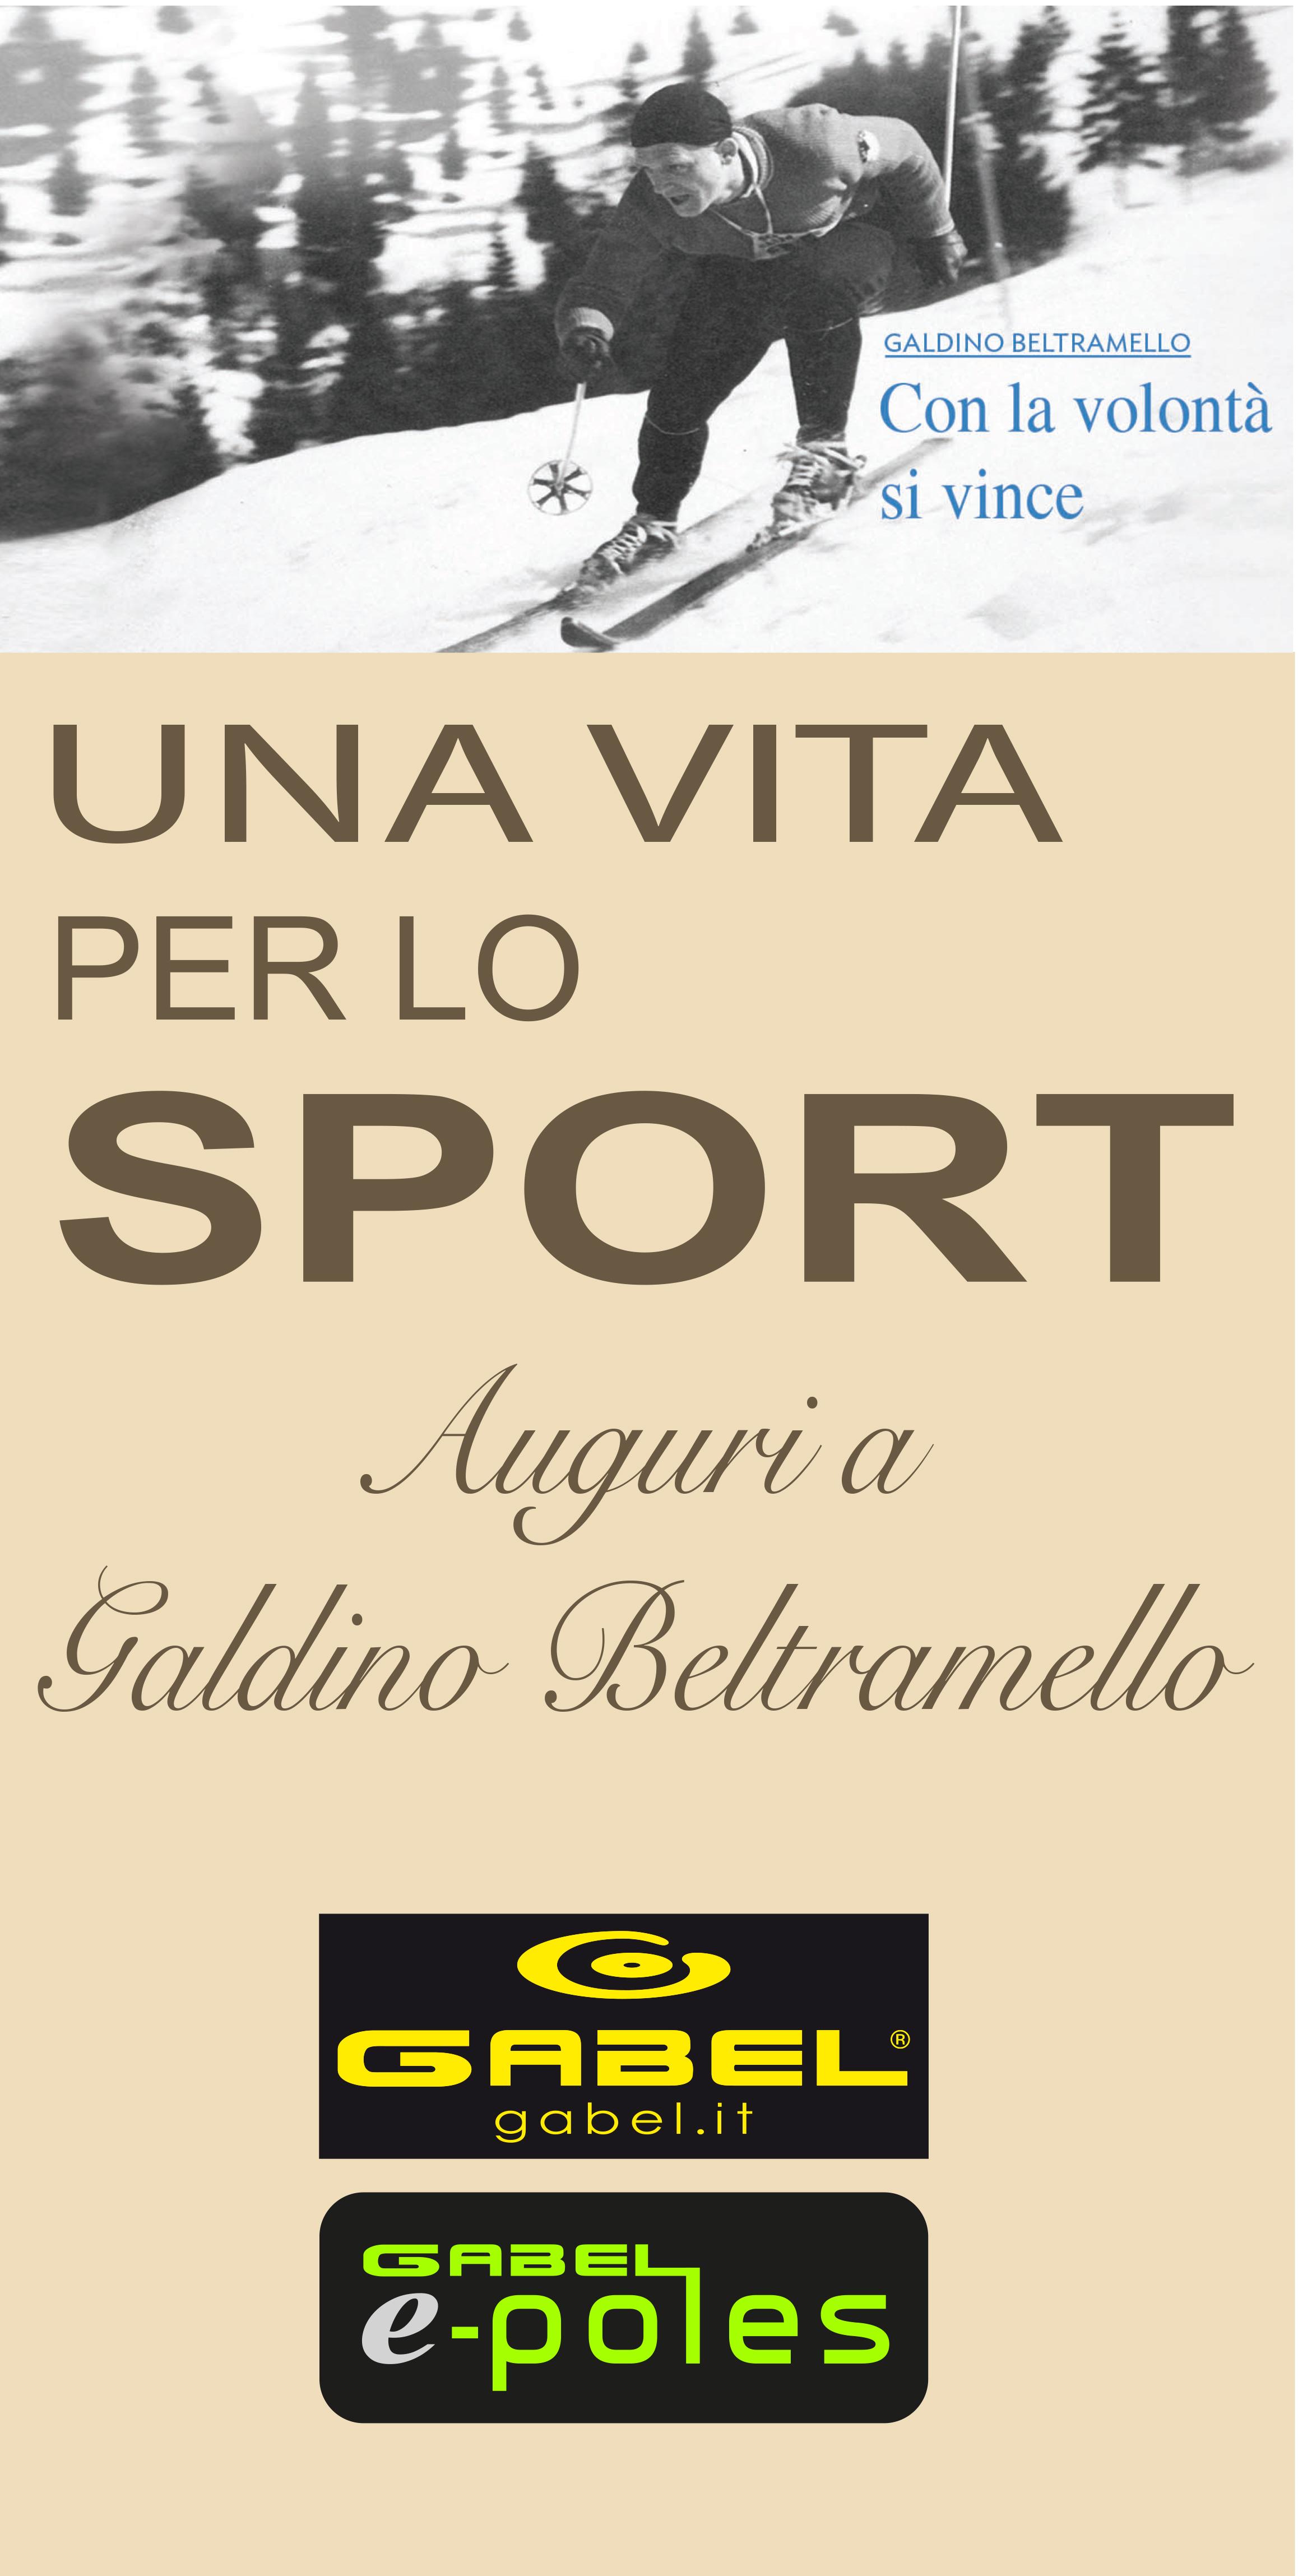 Libro gratuito - Galdino Beltramello